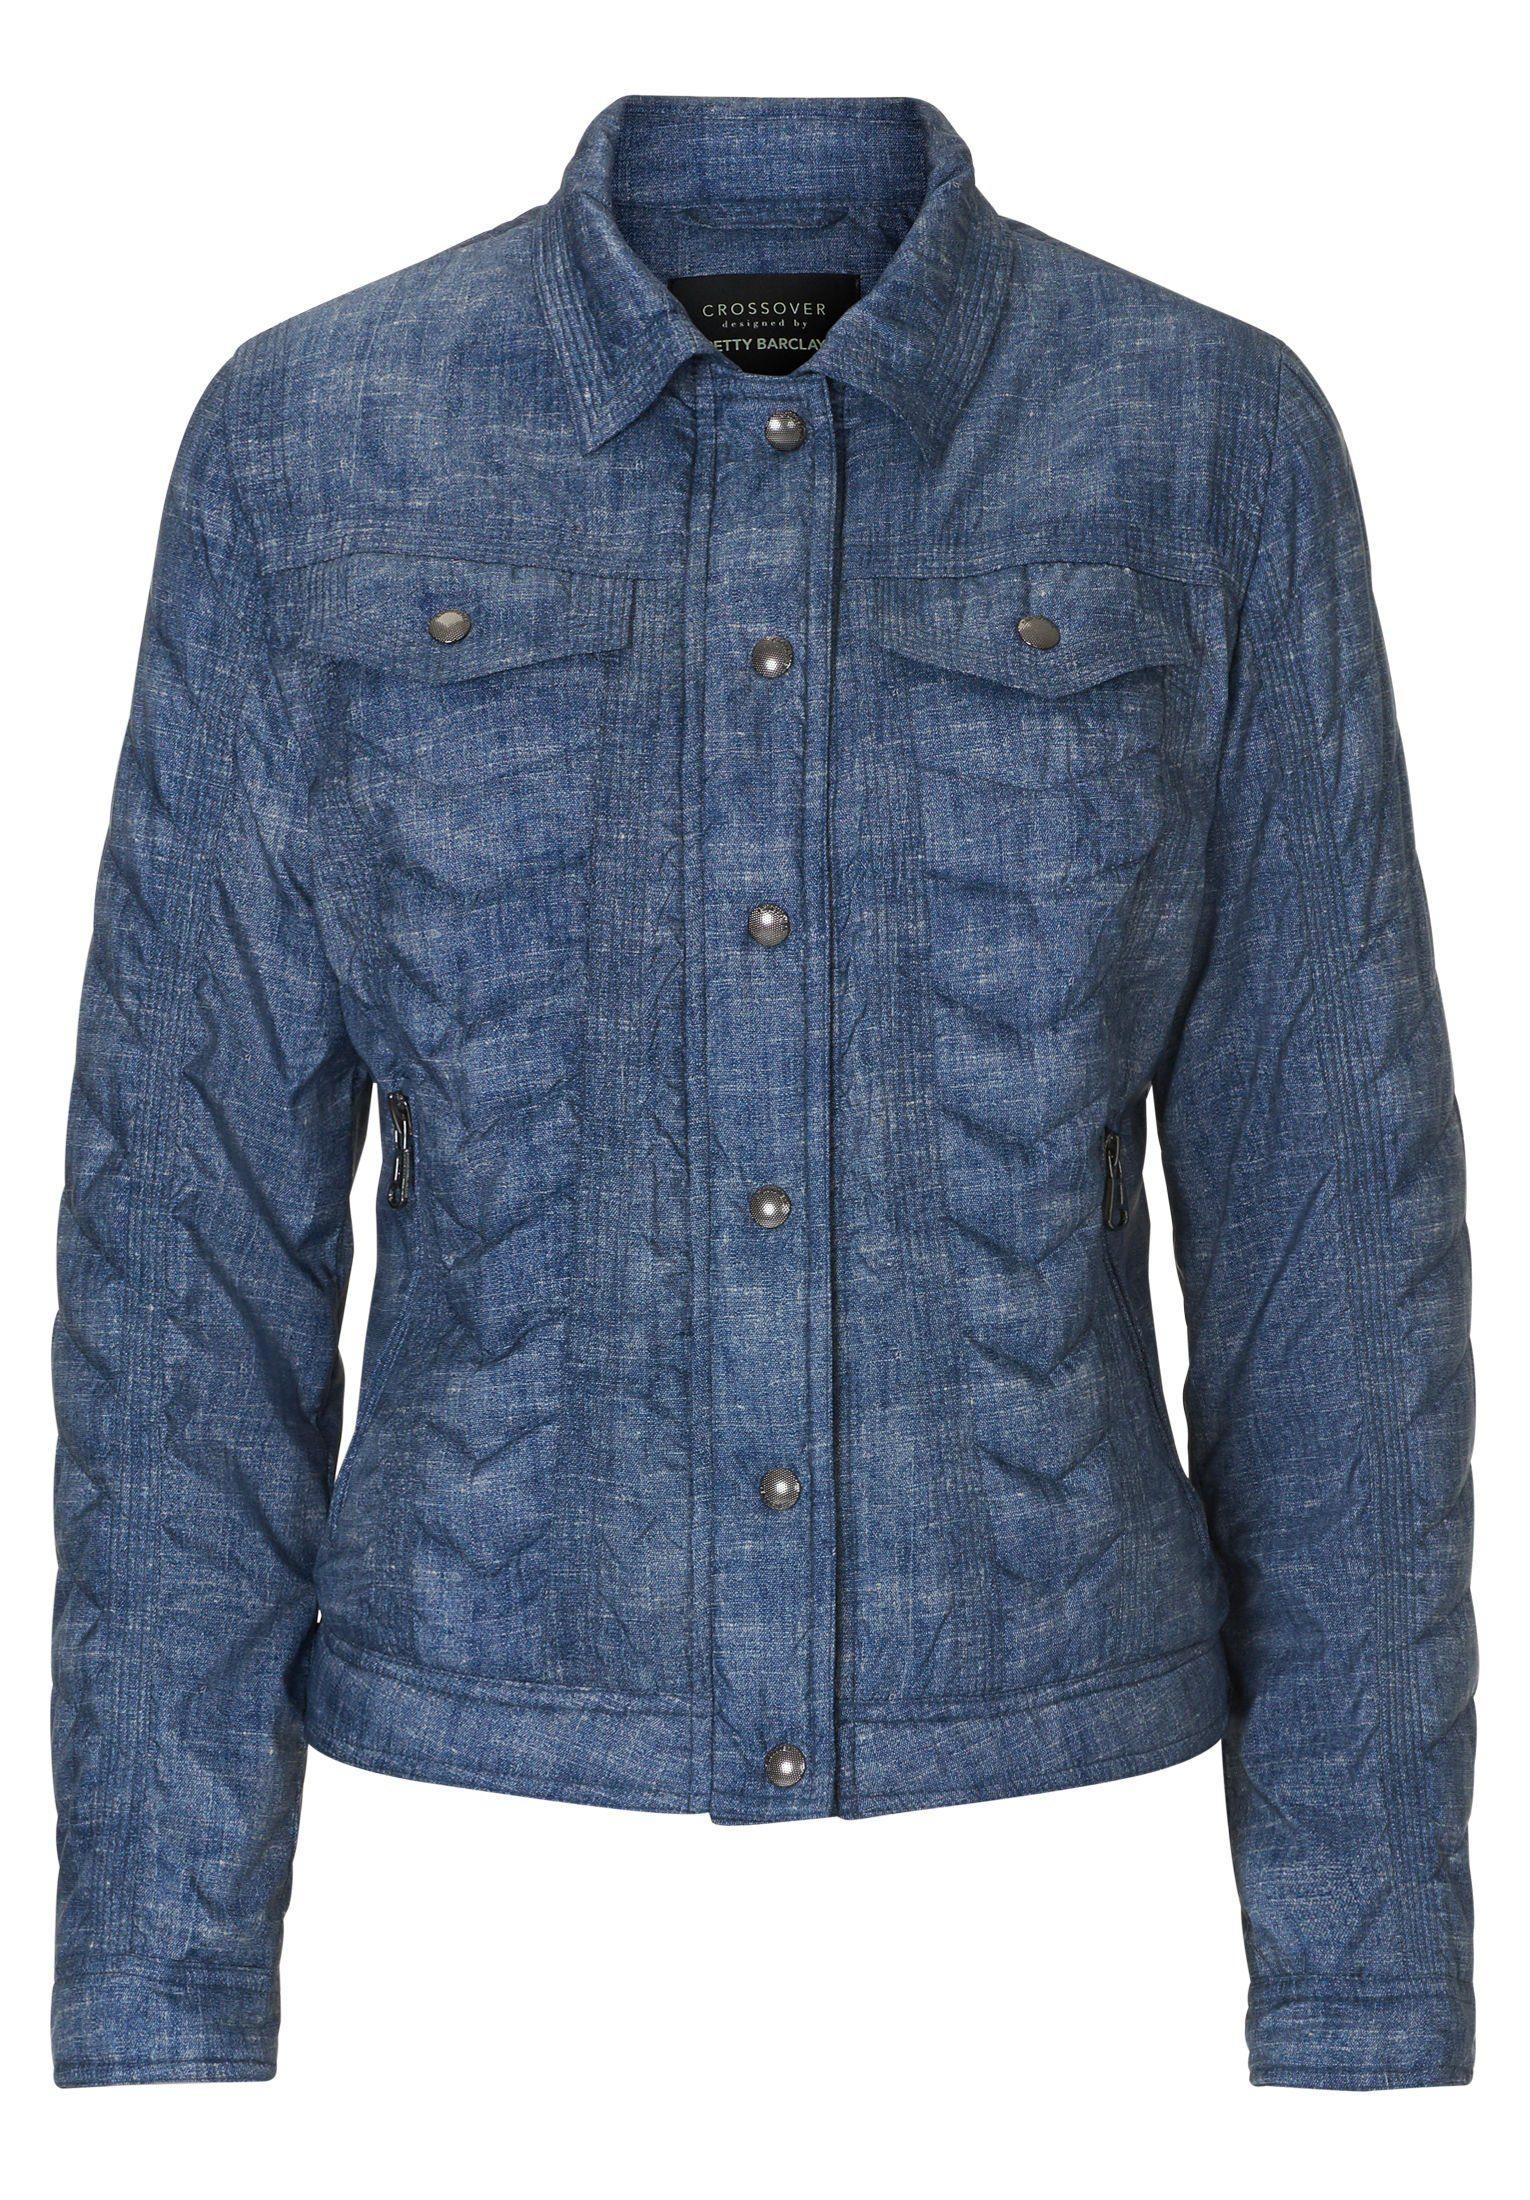 Jeansjacke, Dark Blue / Light Blue, Umlegekragen, L: 54 cm, Eingrifftaschen Stil, langarm, für Frauen, Kapuze Betty Barclay